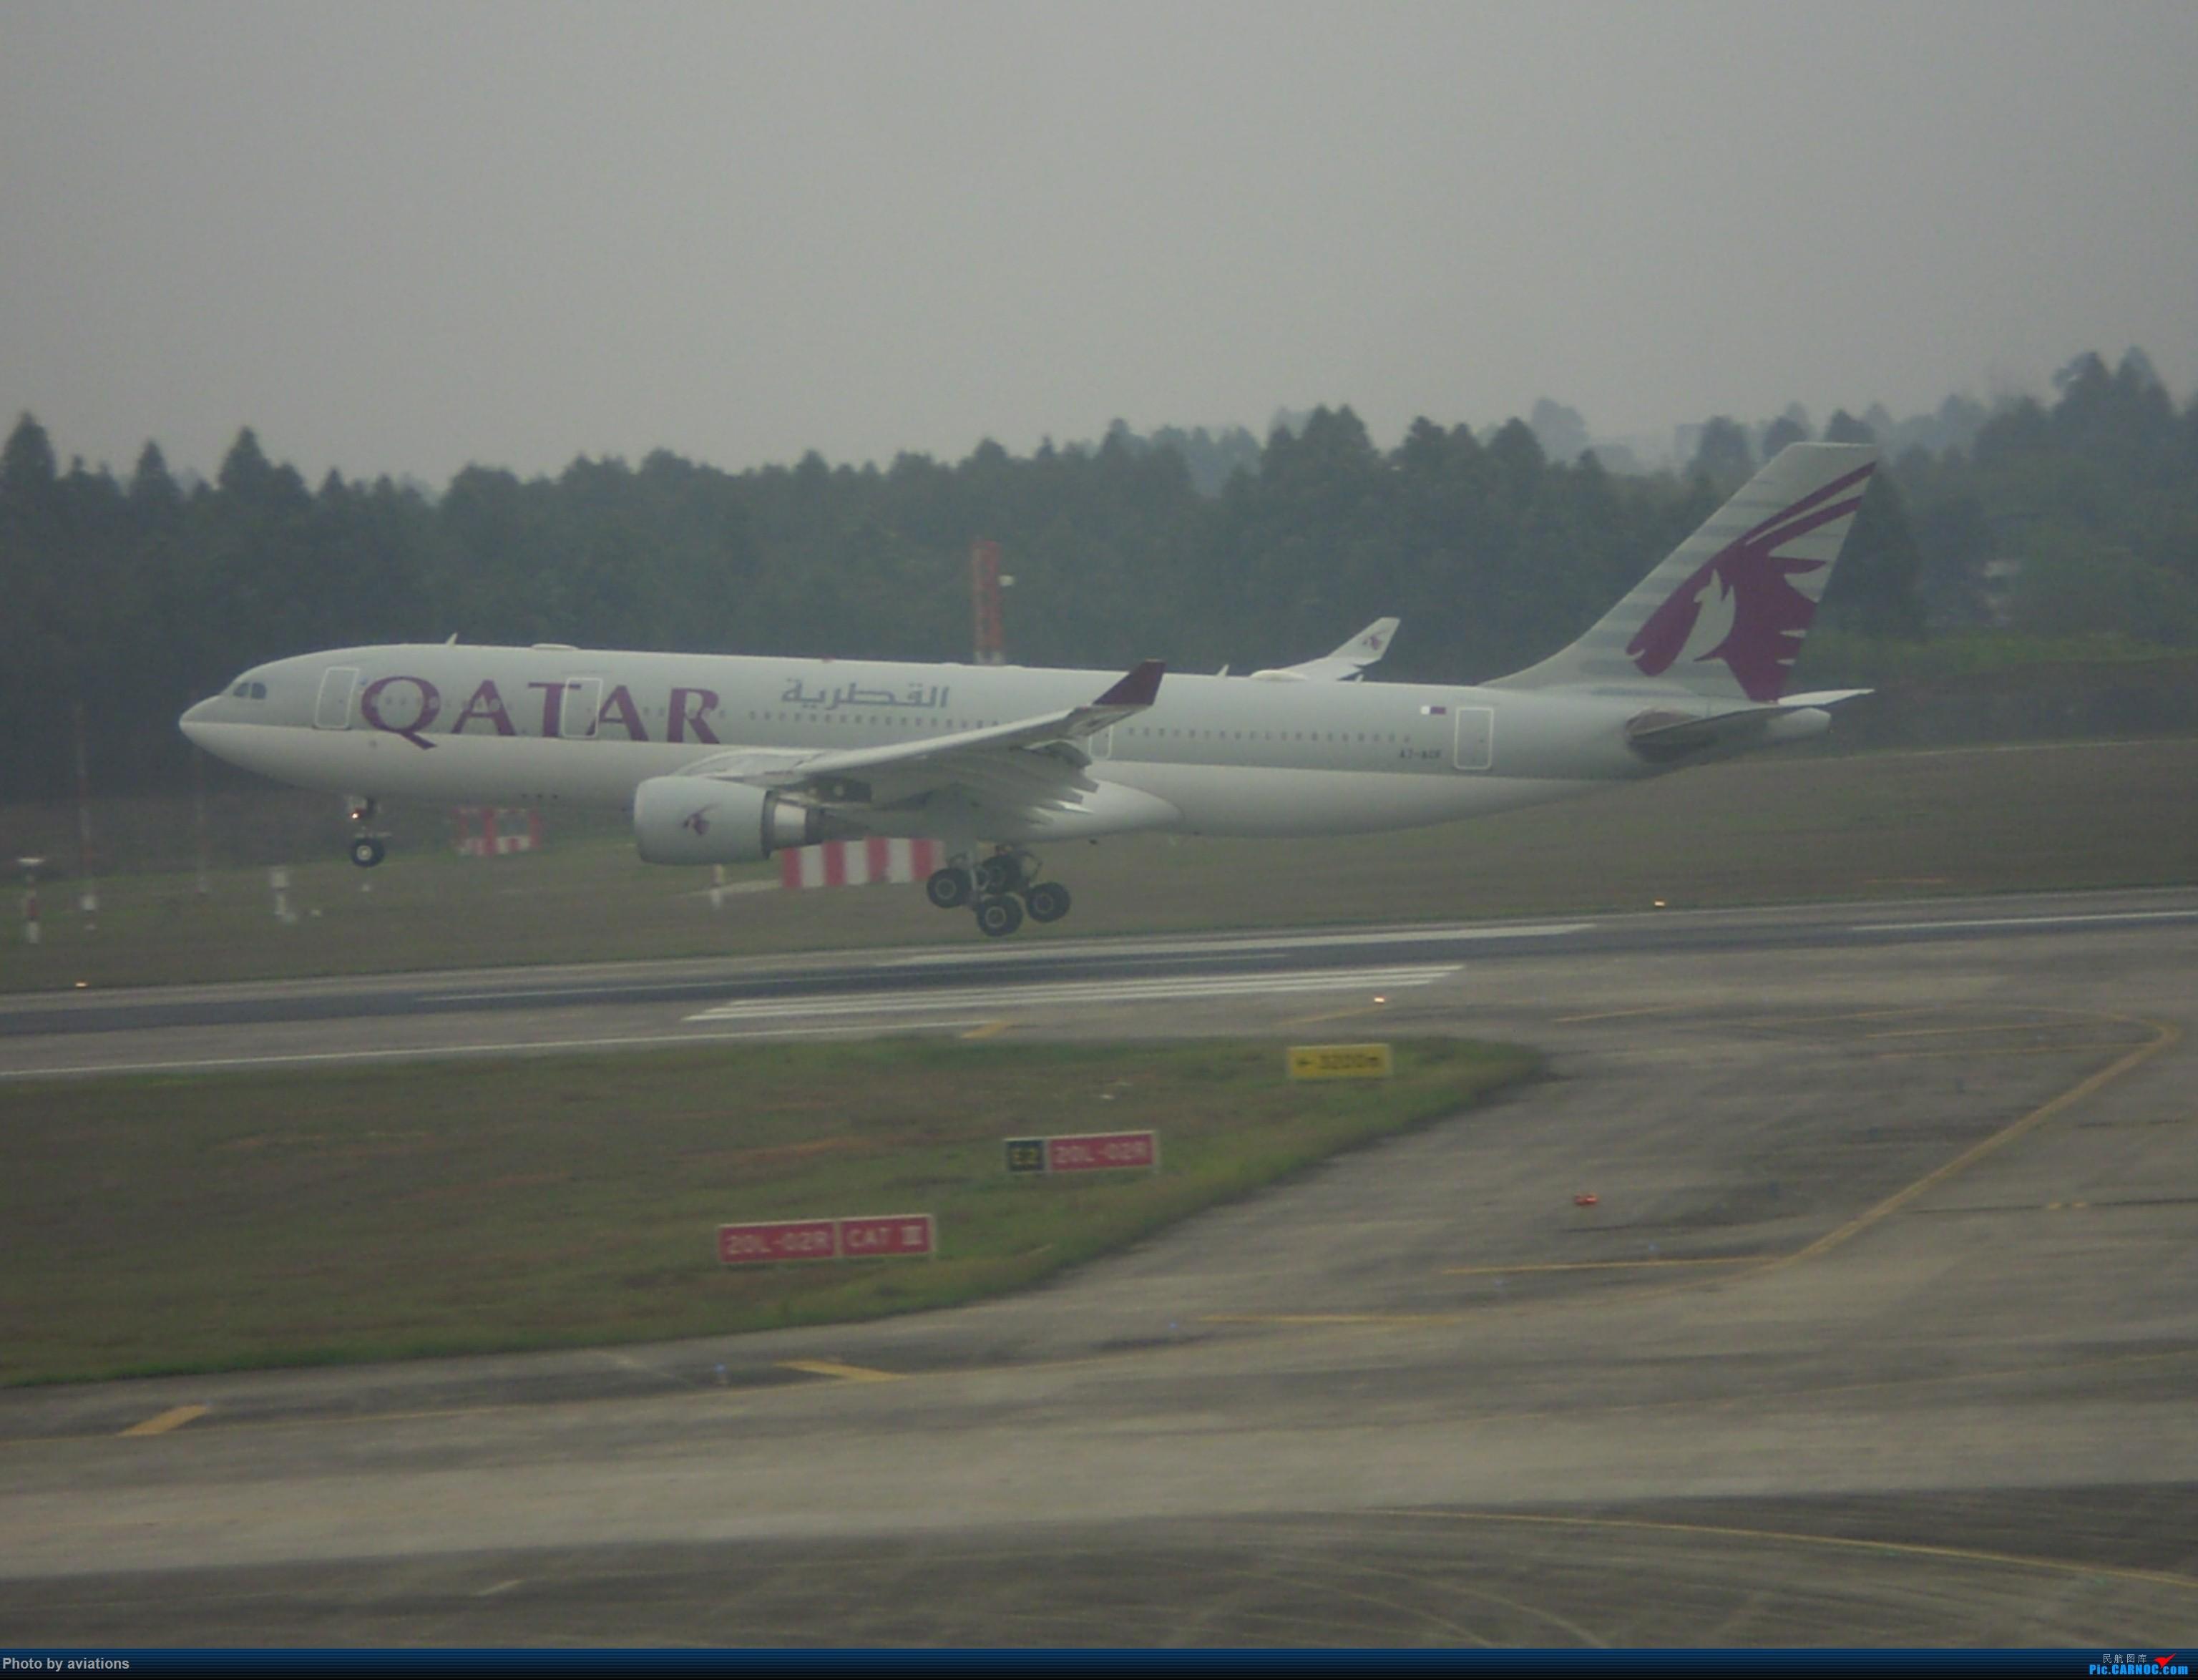 Re:[原创]3月26日CTU大杂烩 AIRBUS A320-200 A7-ACF 中国成都双流国际机场